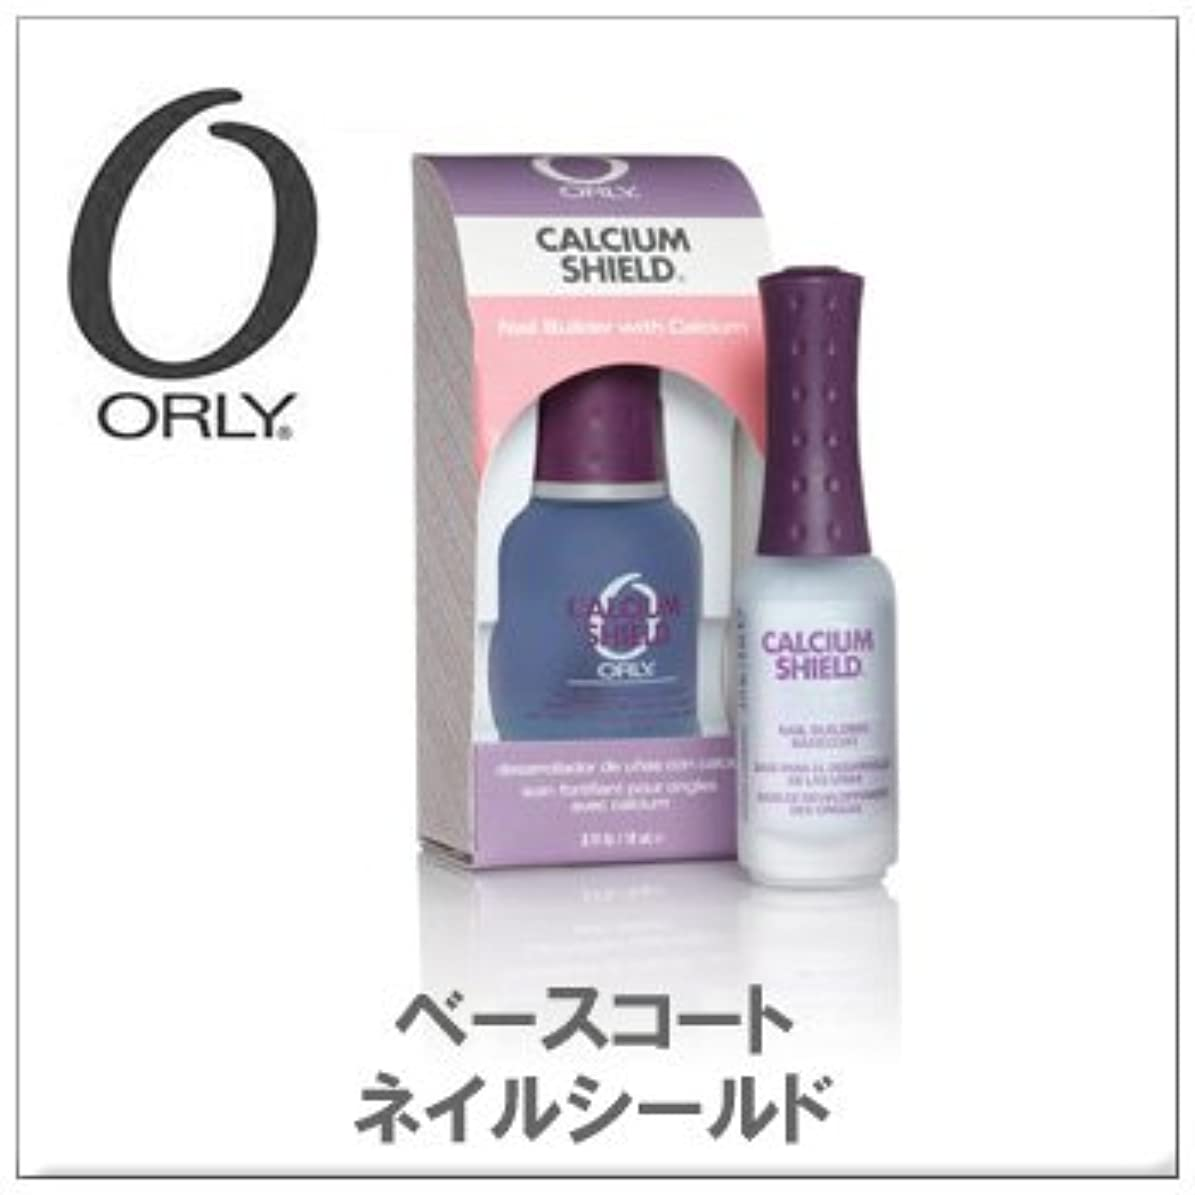 二十真実安全性ORLY (オーリー) ネイルシールド 18ml カルシウムシールド